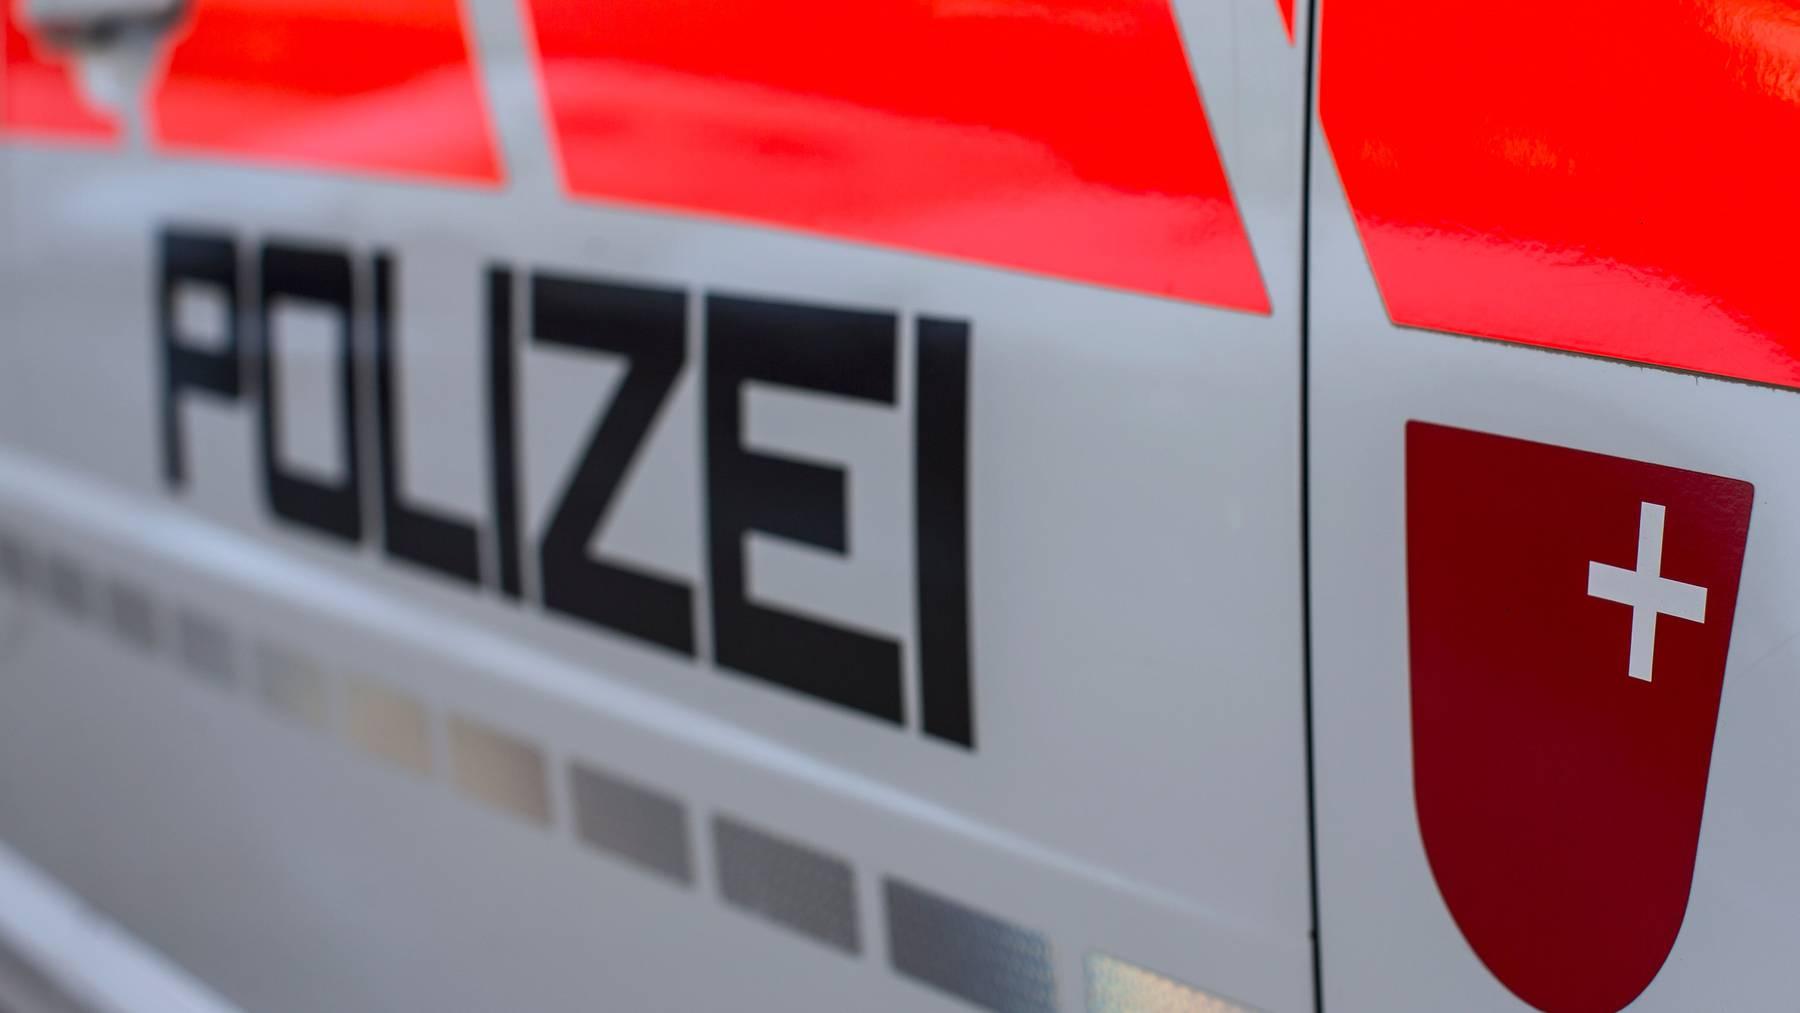 Die Kantonspolizei Schwyz vermeldete den Unfall am Sonntag. (Symbolbild)